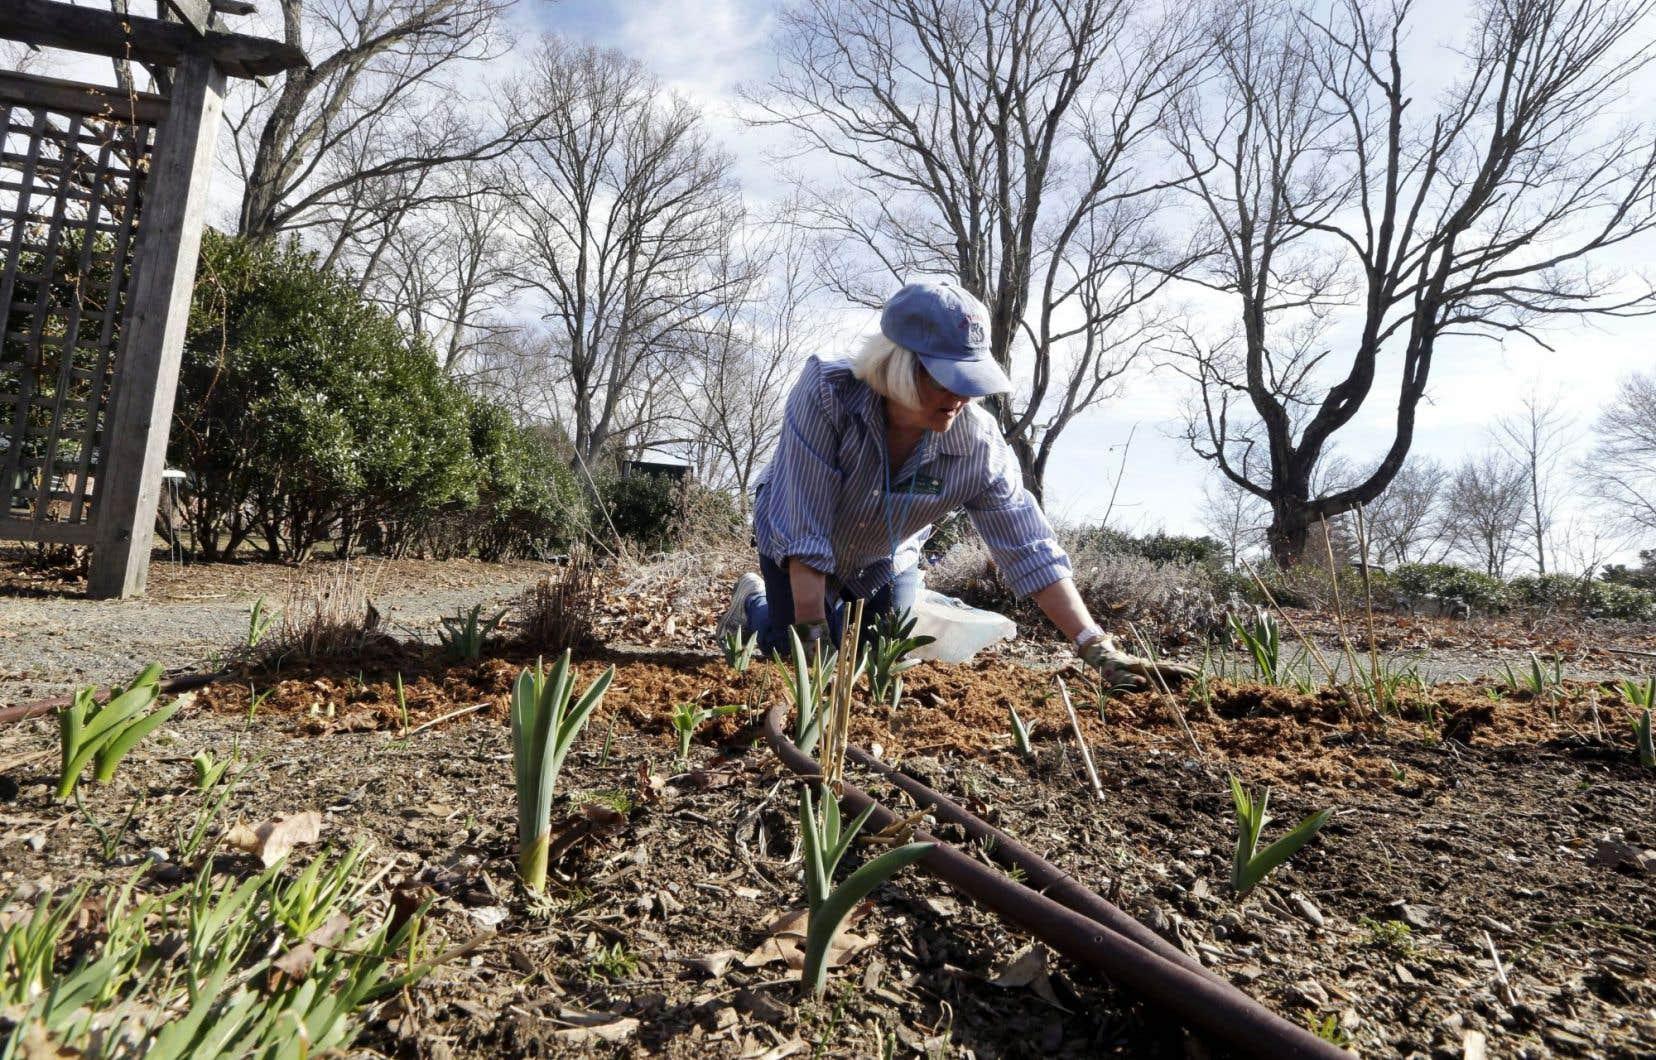 Planter des carottes pendant une heure est une manière saisissante de disparaître, affirme David Le Breton.